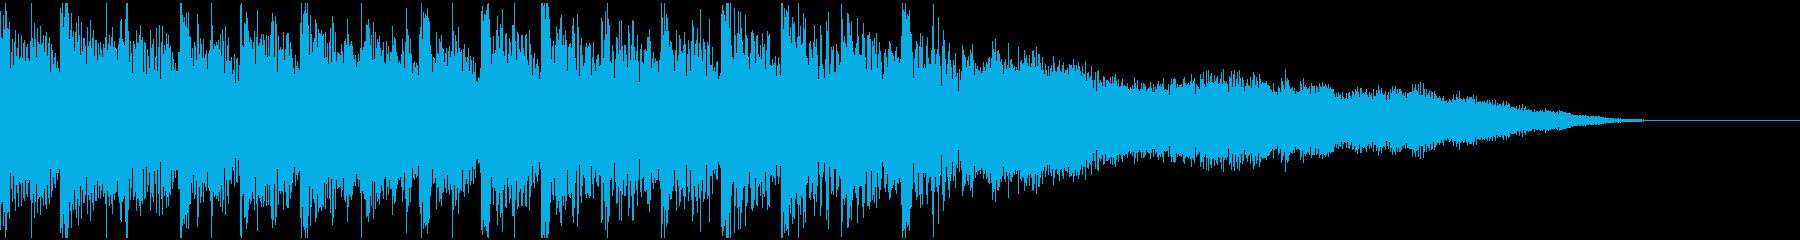 企業VP,コーポレート,さわやか,15秒の再生済みの波形